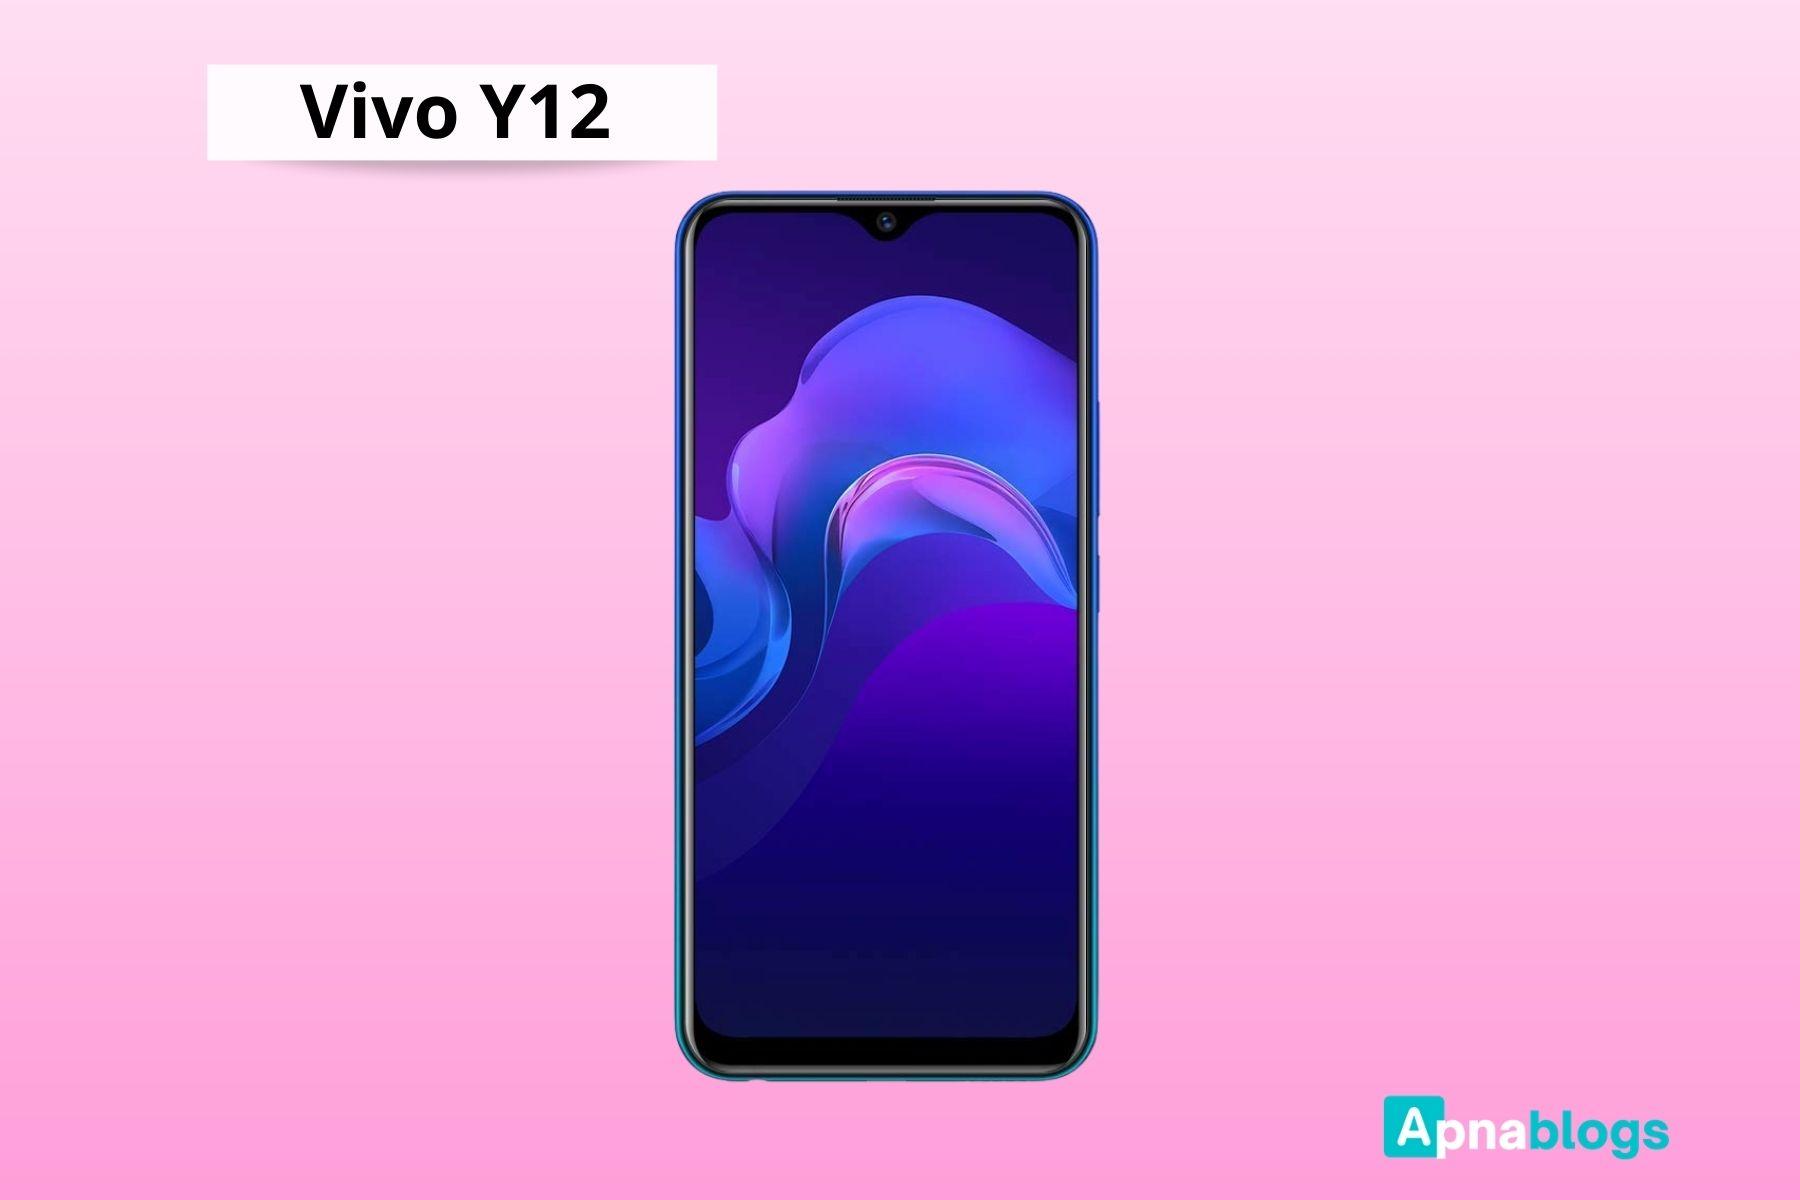 Vivo Y12